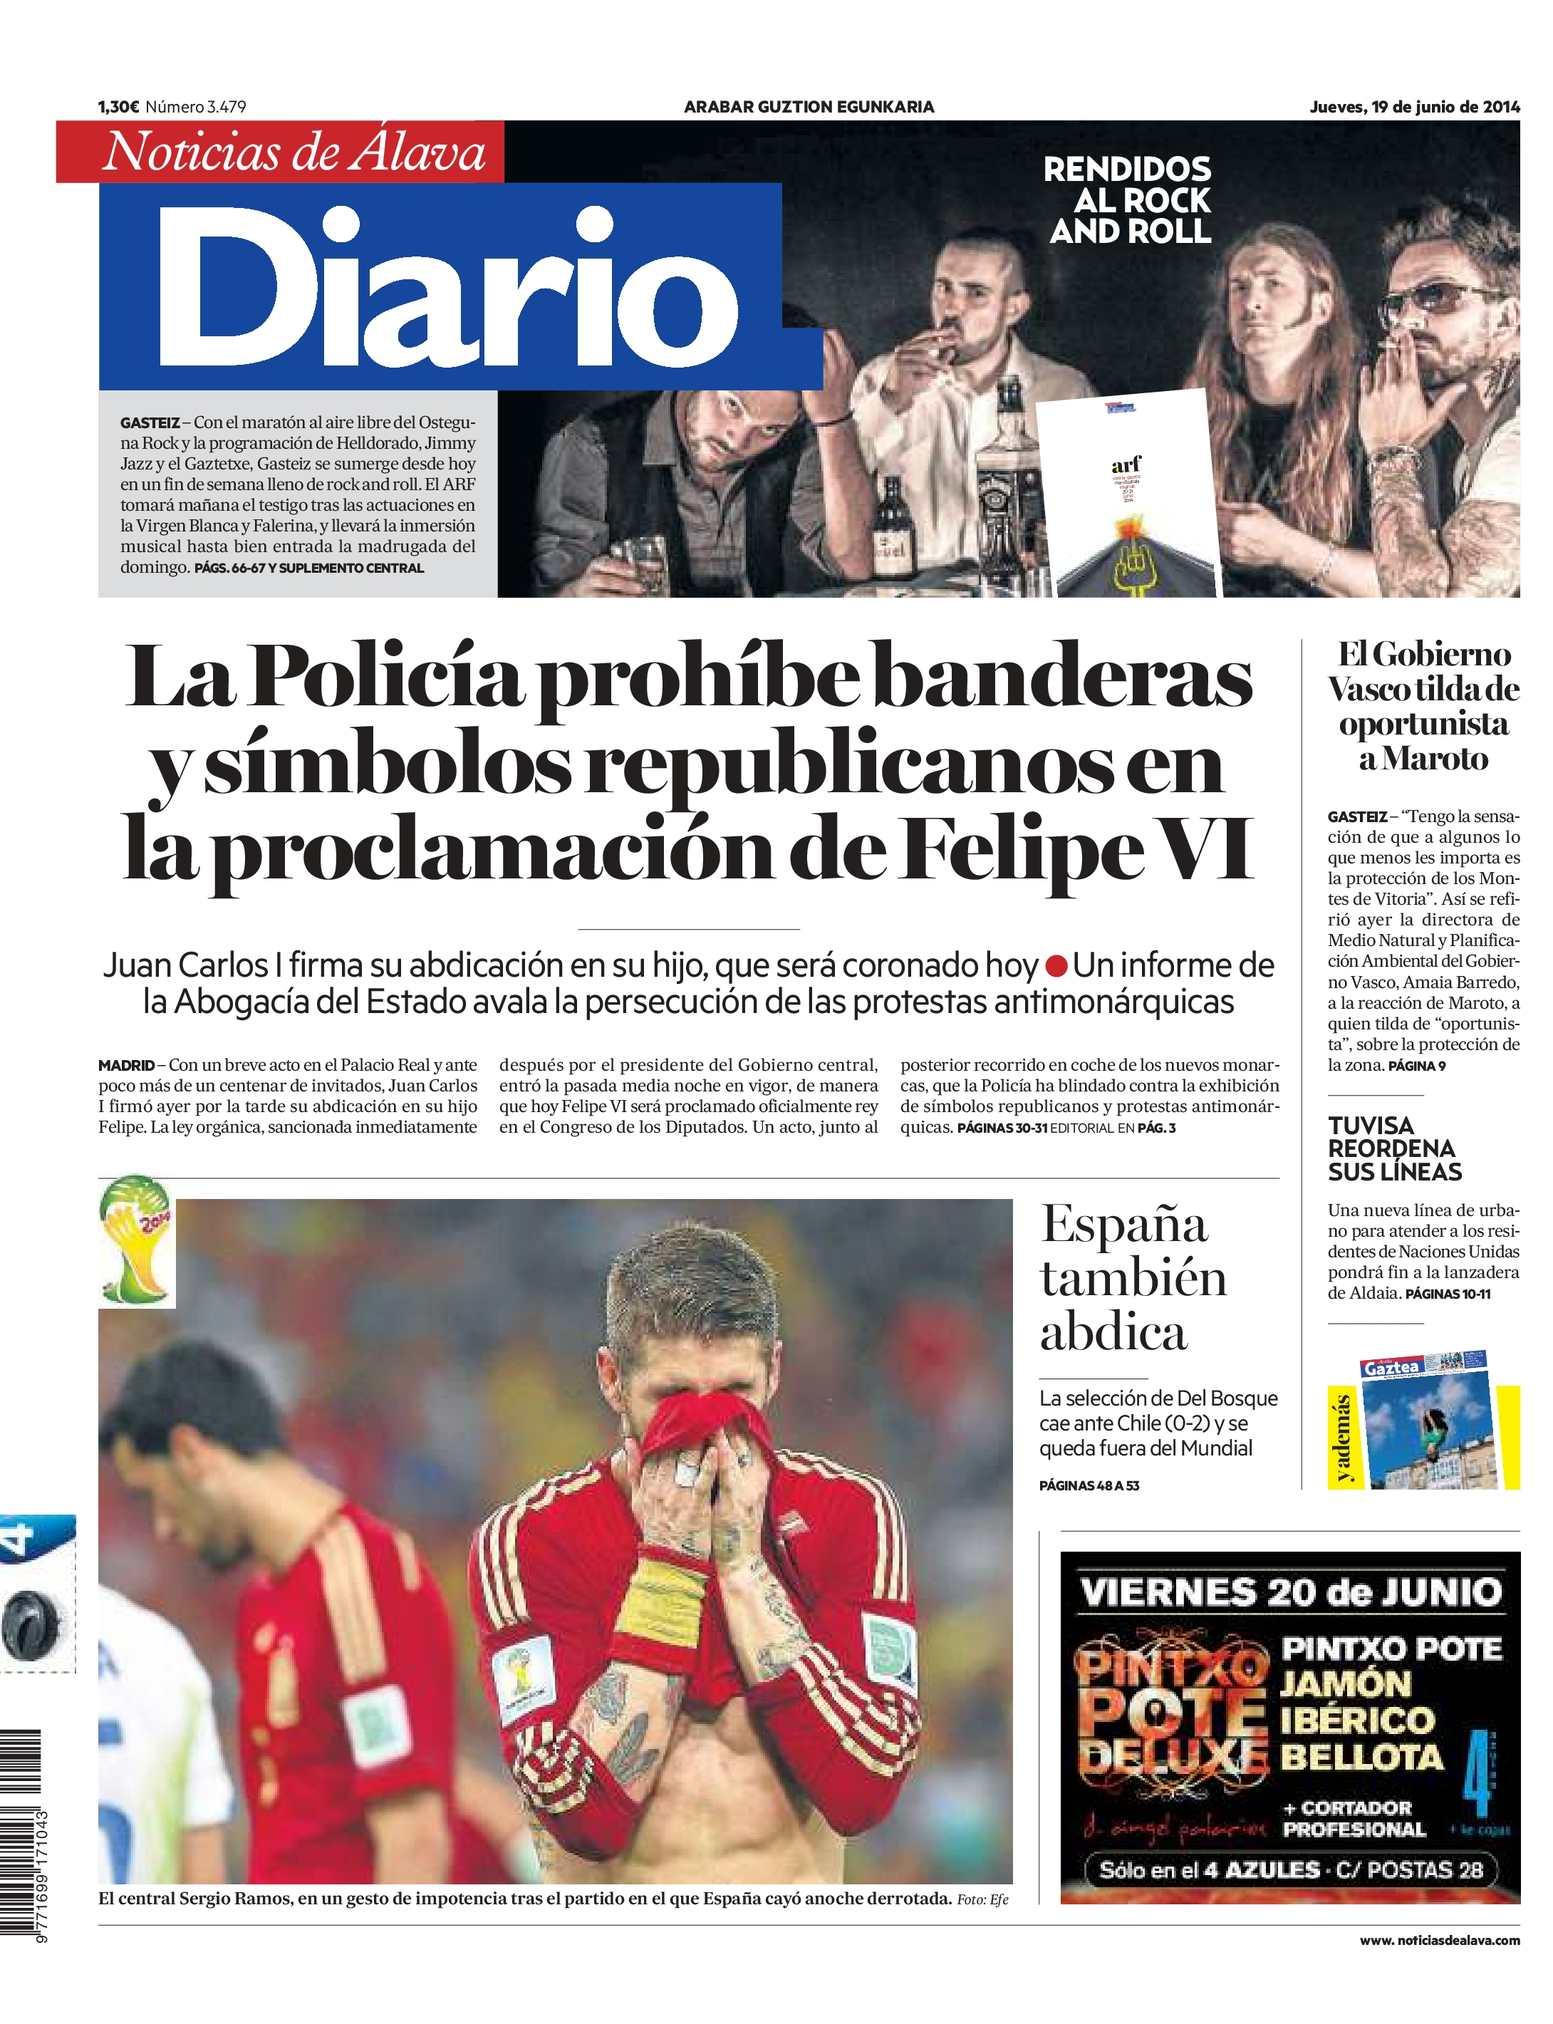 Actriz De Porno Que Se Parezca A Cristina Pardo calaméo - diario de noticias de Álava 20140619